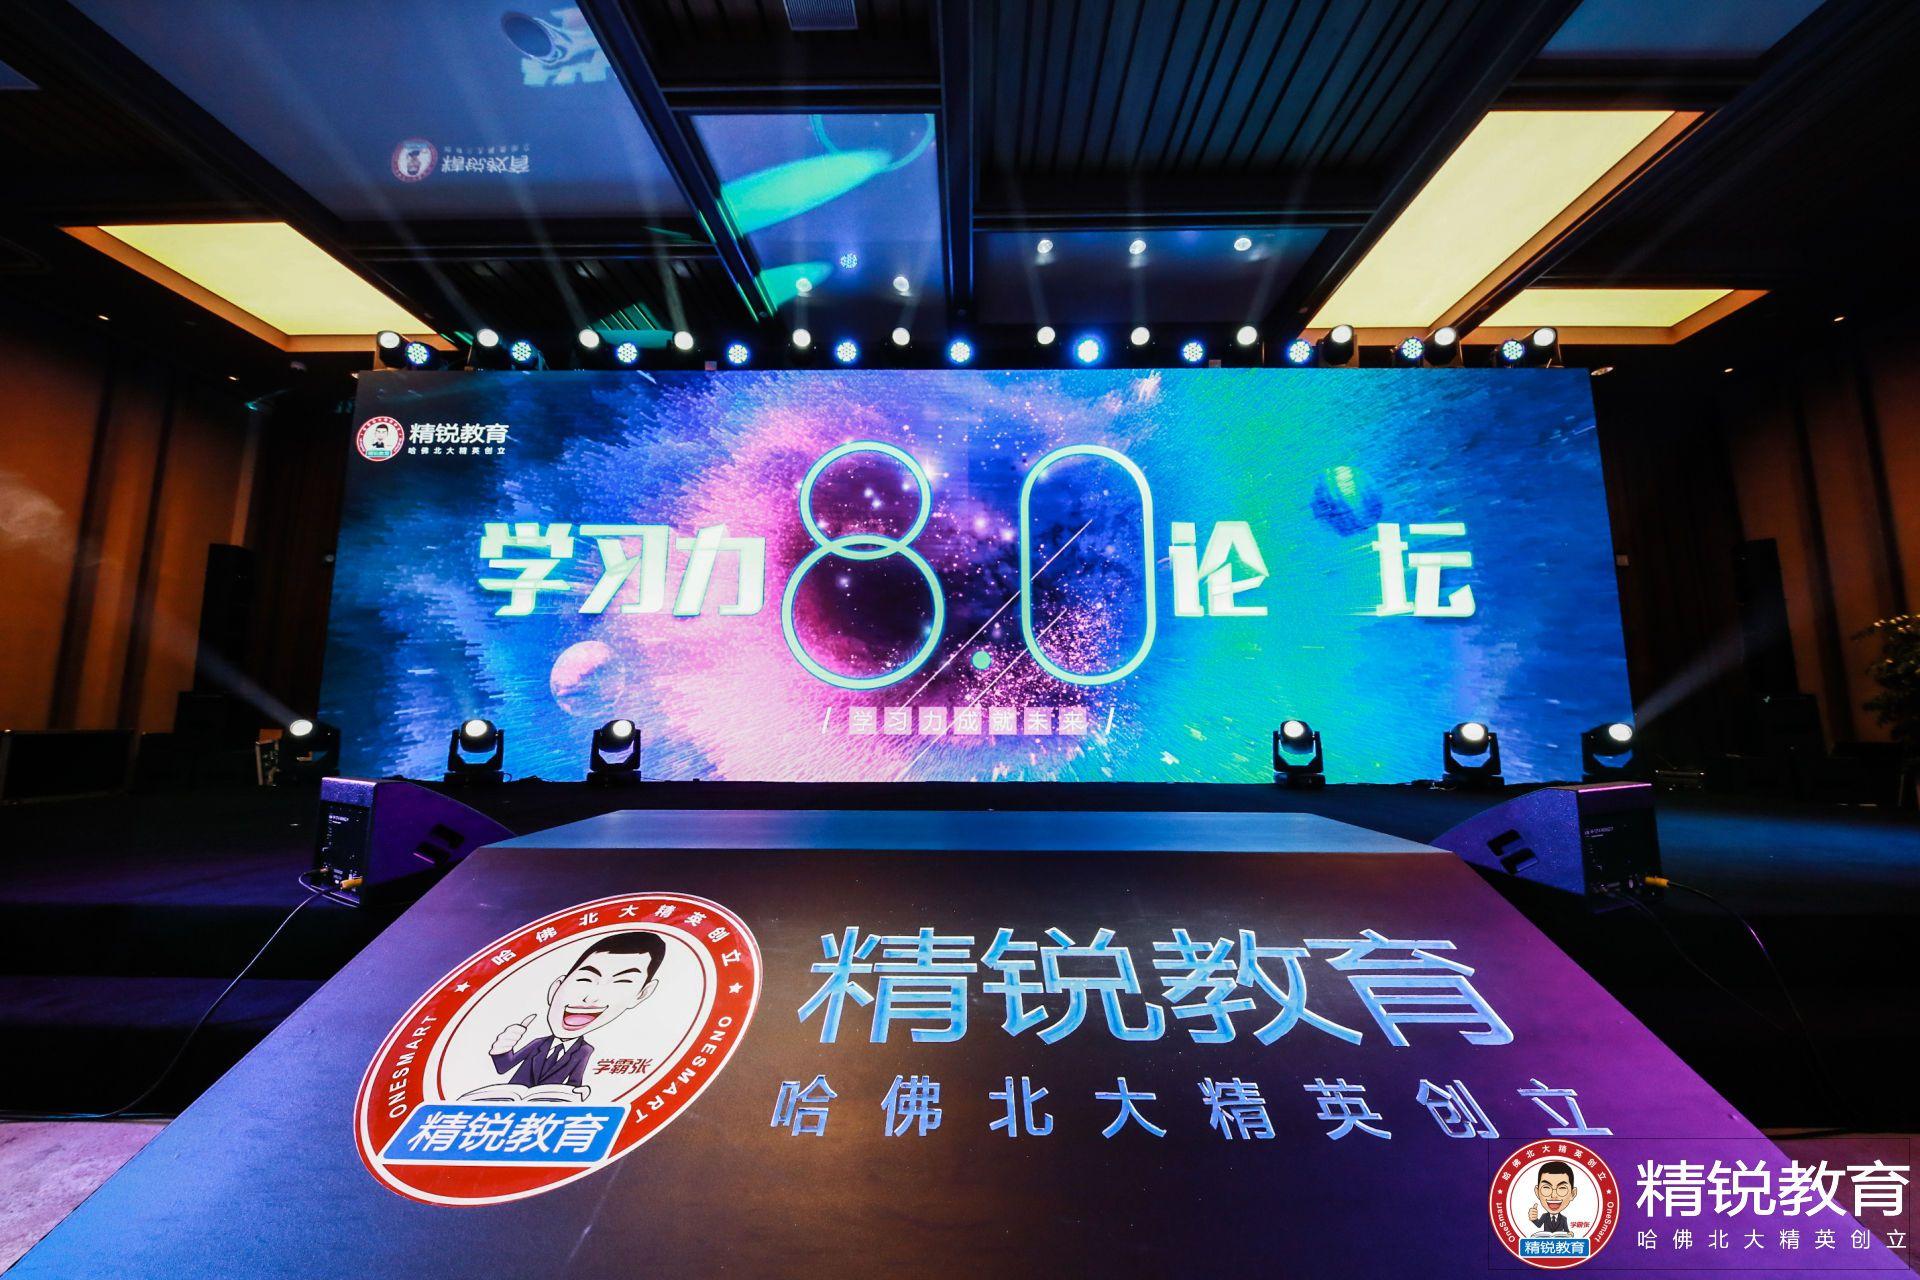 精锐教育发布i精锐学习力提升系统开启学习力教育80时代_北京赛车